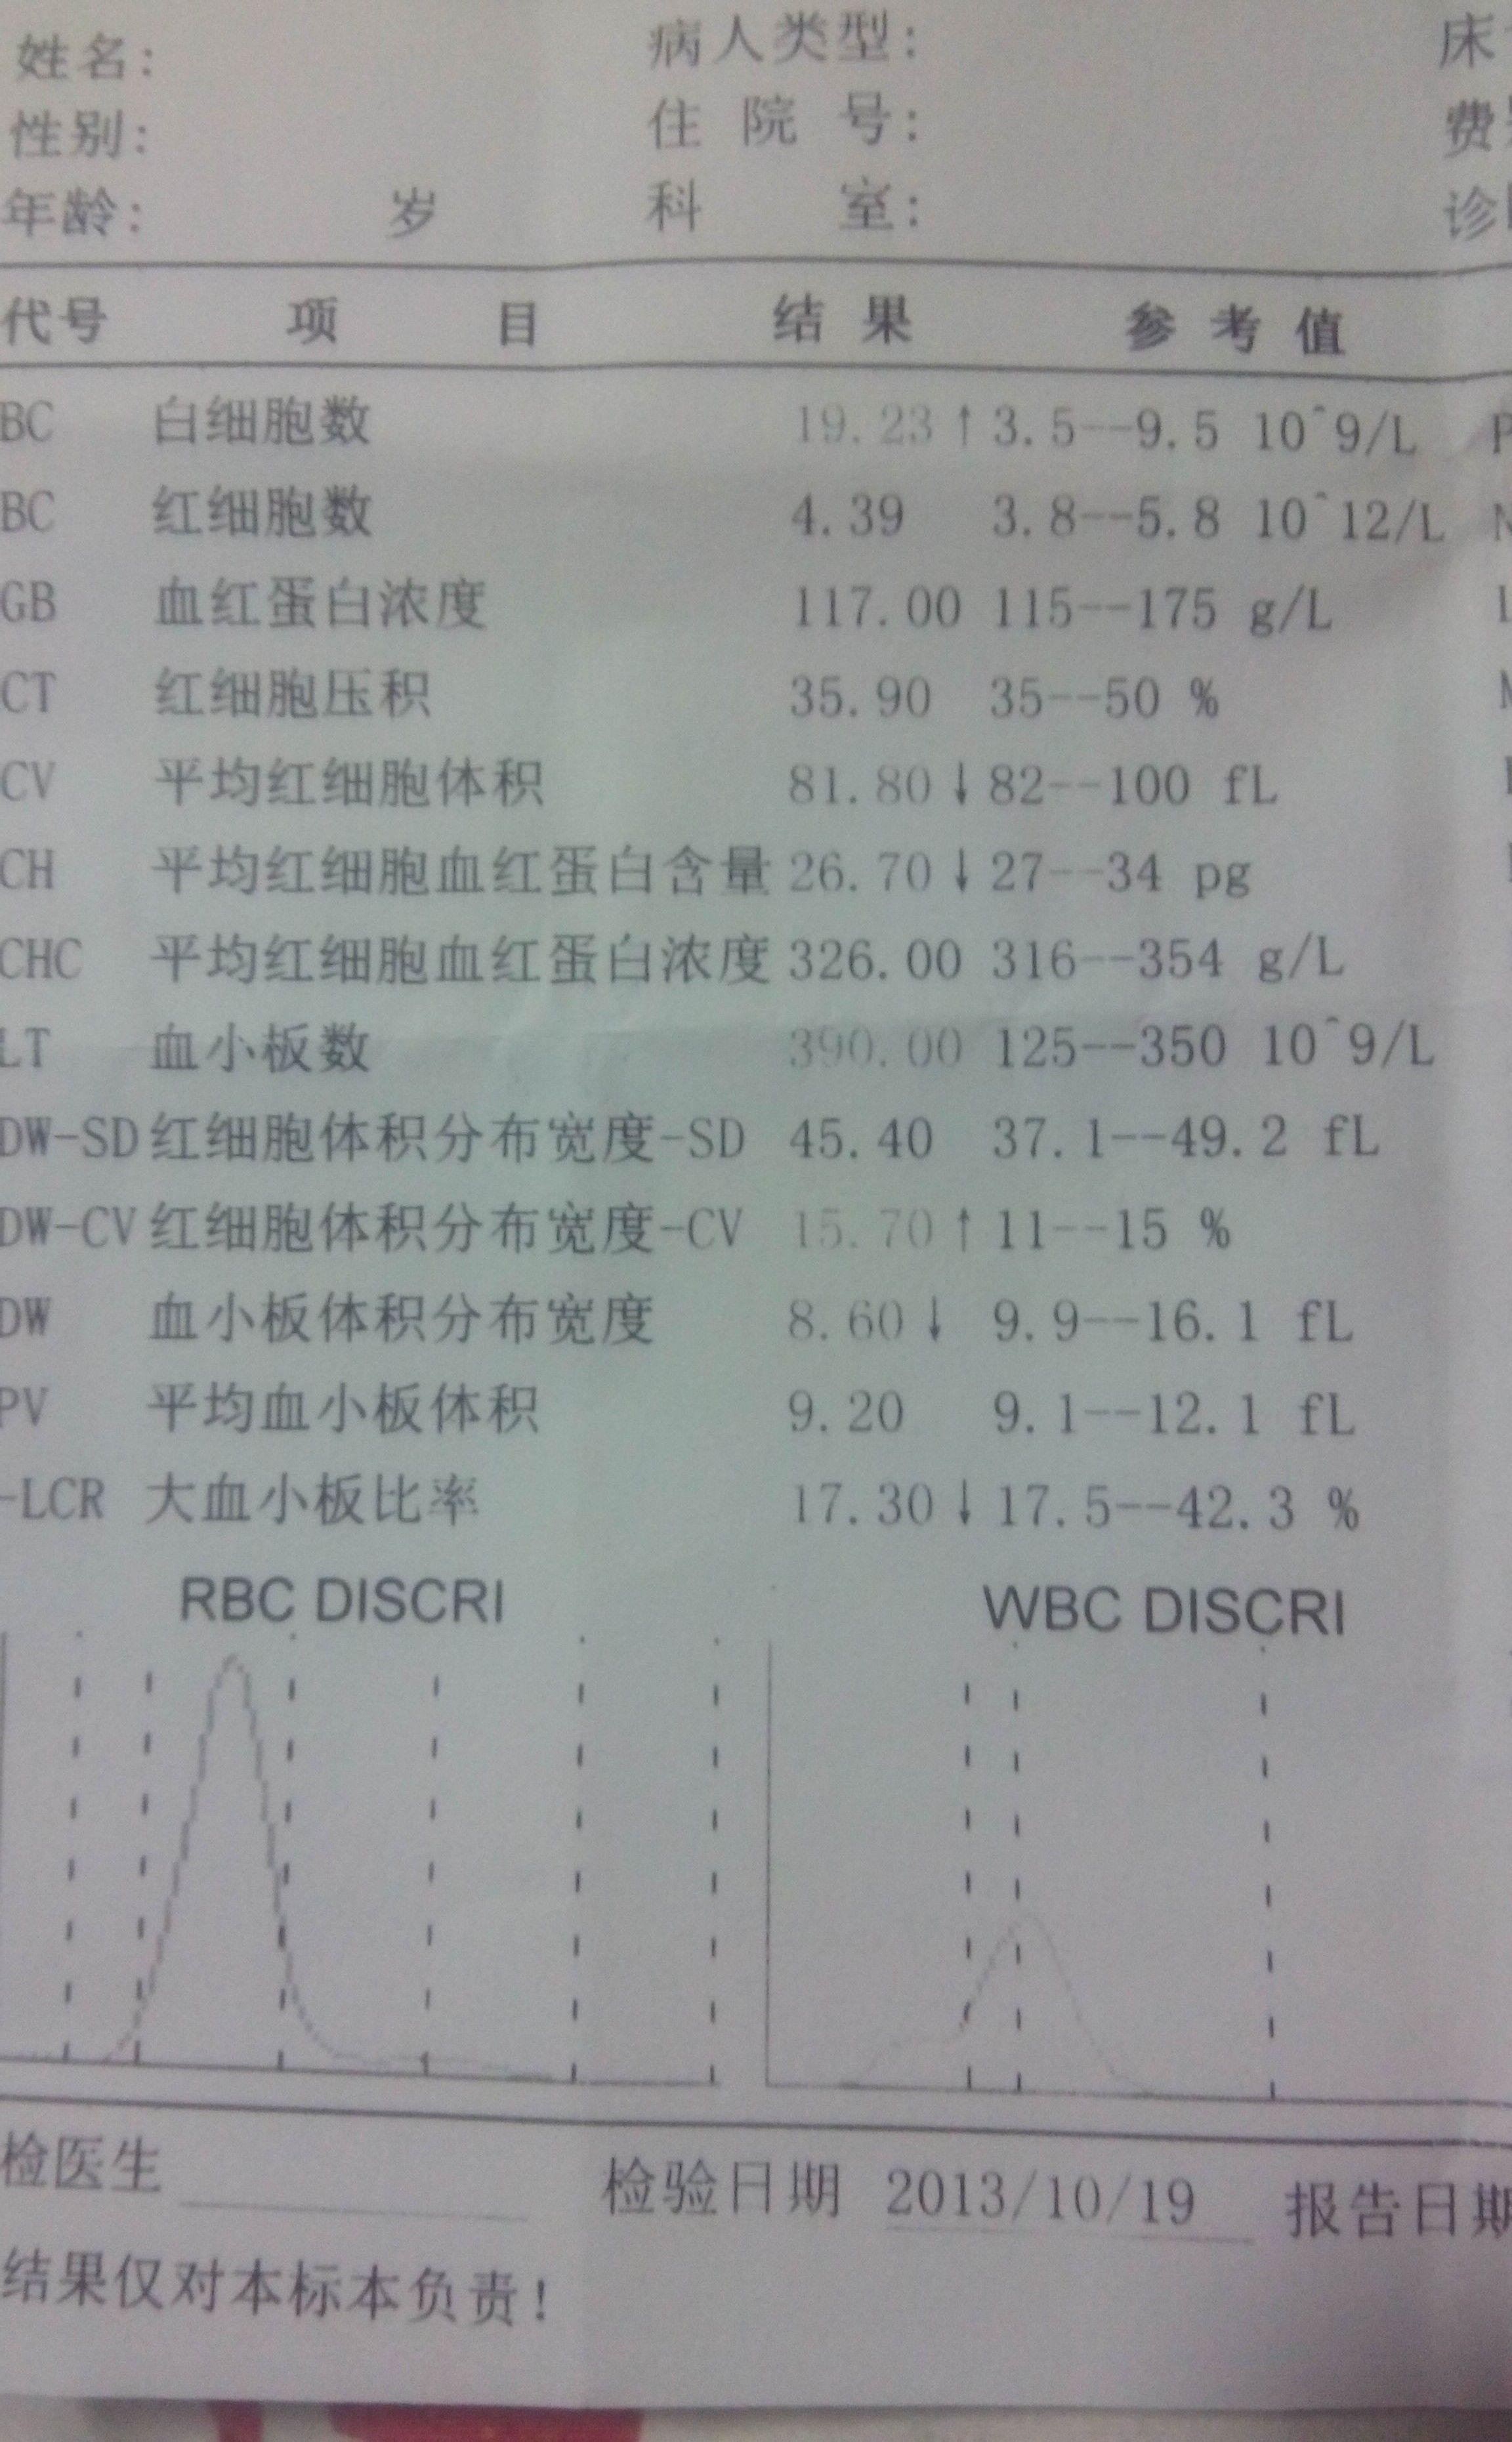 血常规白细胞_帮我看看这个血常规化验单 有什么问提_百度知道